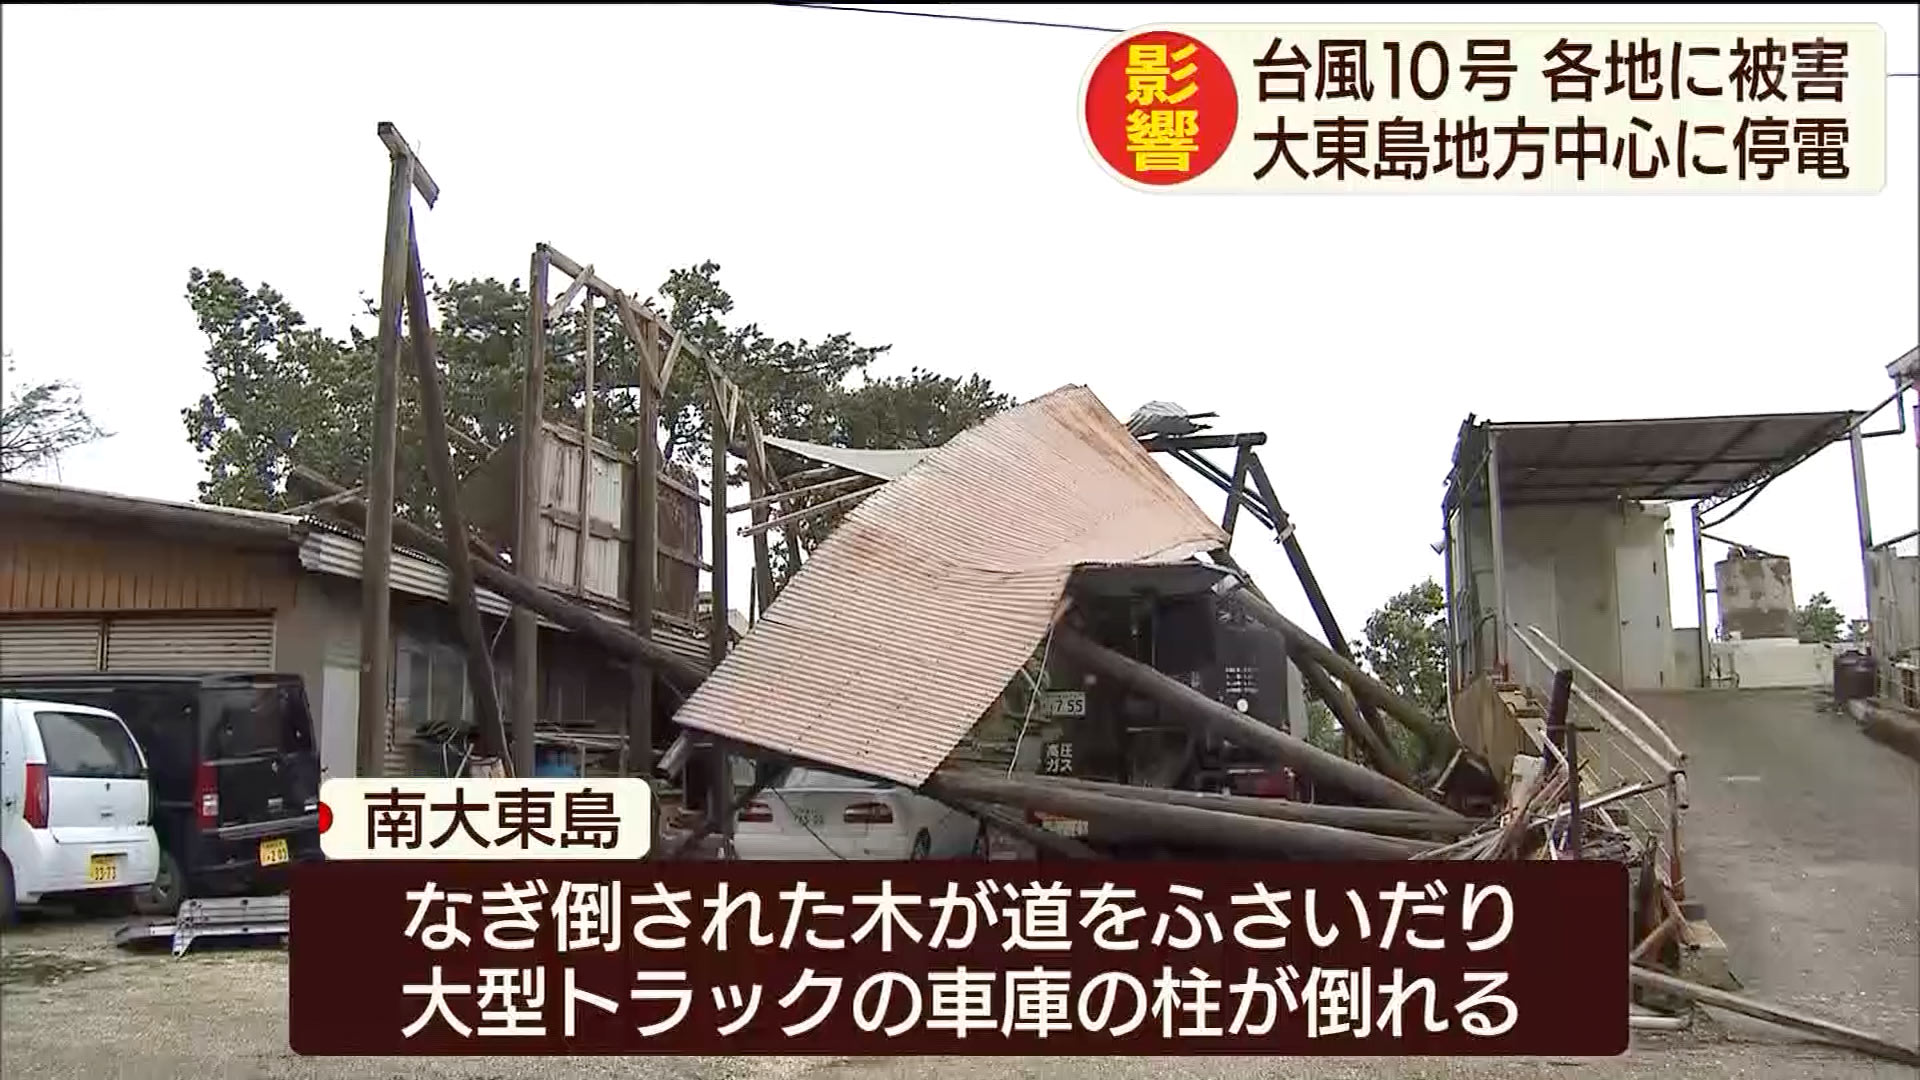 台風10号 大東島地方に被害